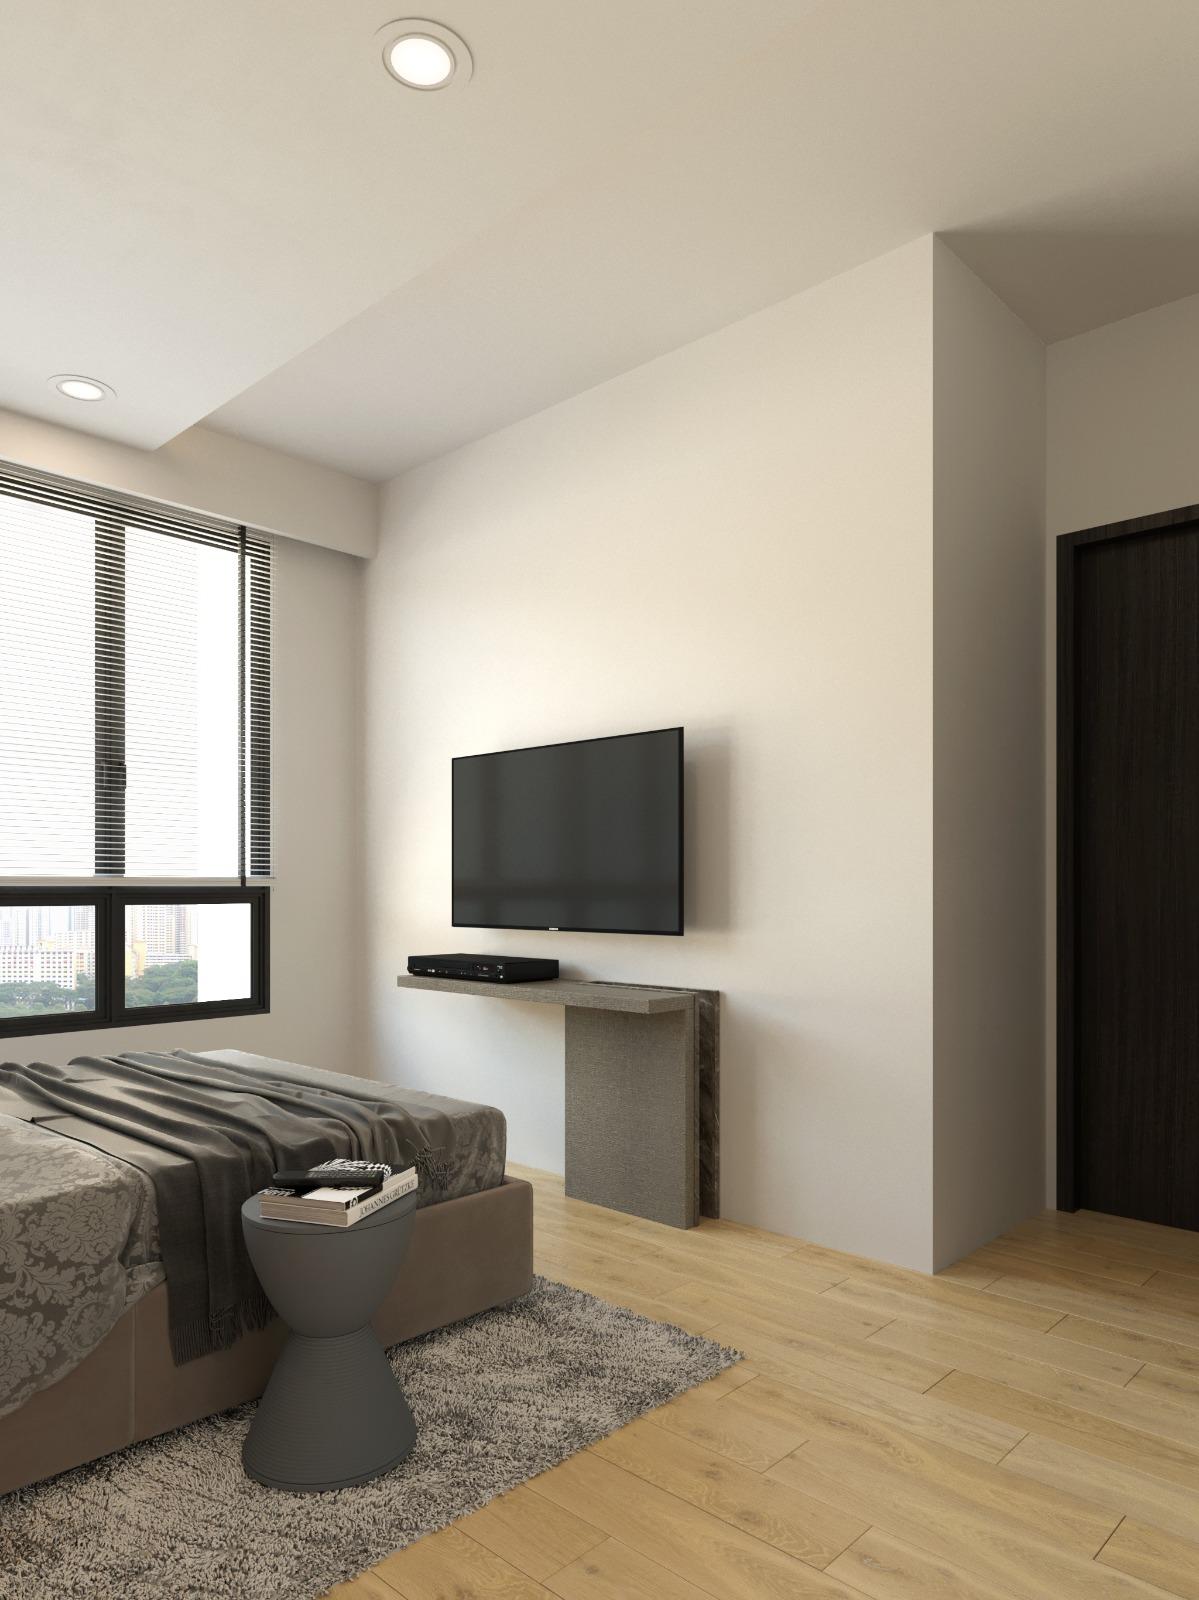 04 - Master Room